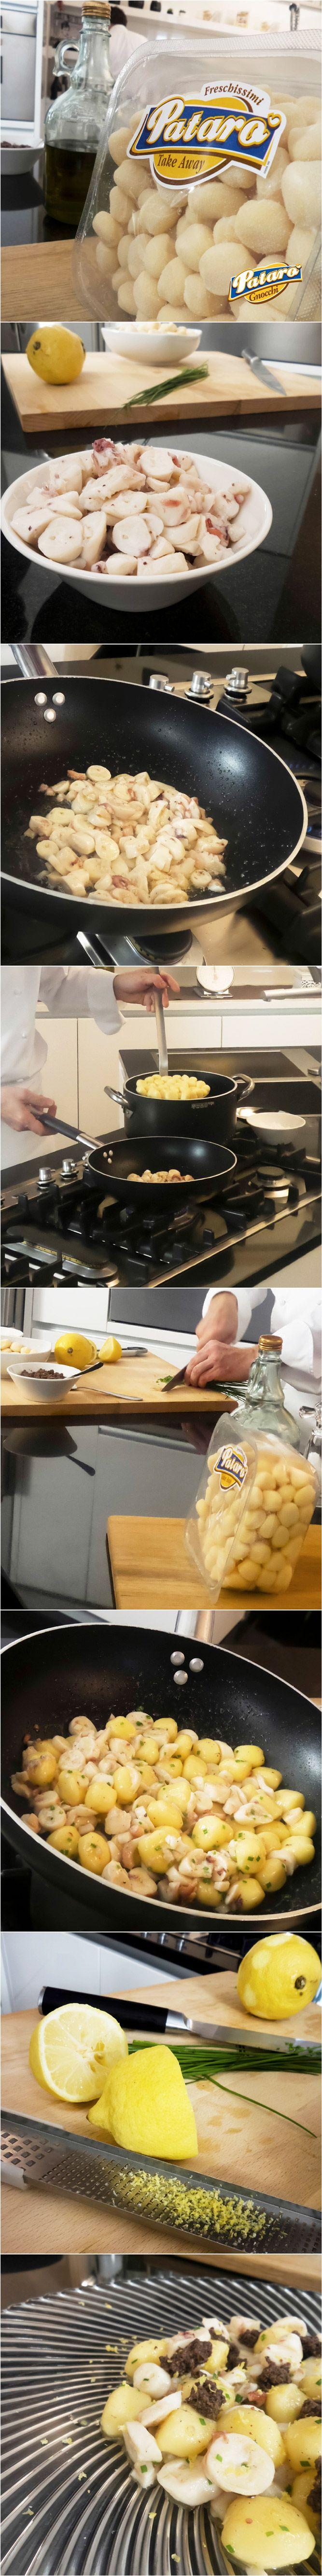 Lo chef Stefano Cerveni ha reinterpretato un classico per presentarci un primo piatto tanto semplice da preparare, quanto gustoso: Gnocchi di Patate con Polpo e pesto di Olive Taggiasche. Scopri la ricetta! #gnocchi #ricetta #patarognocchi